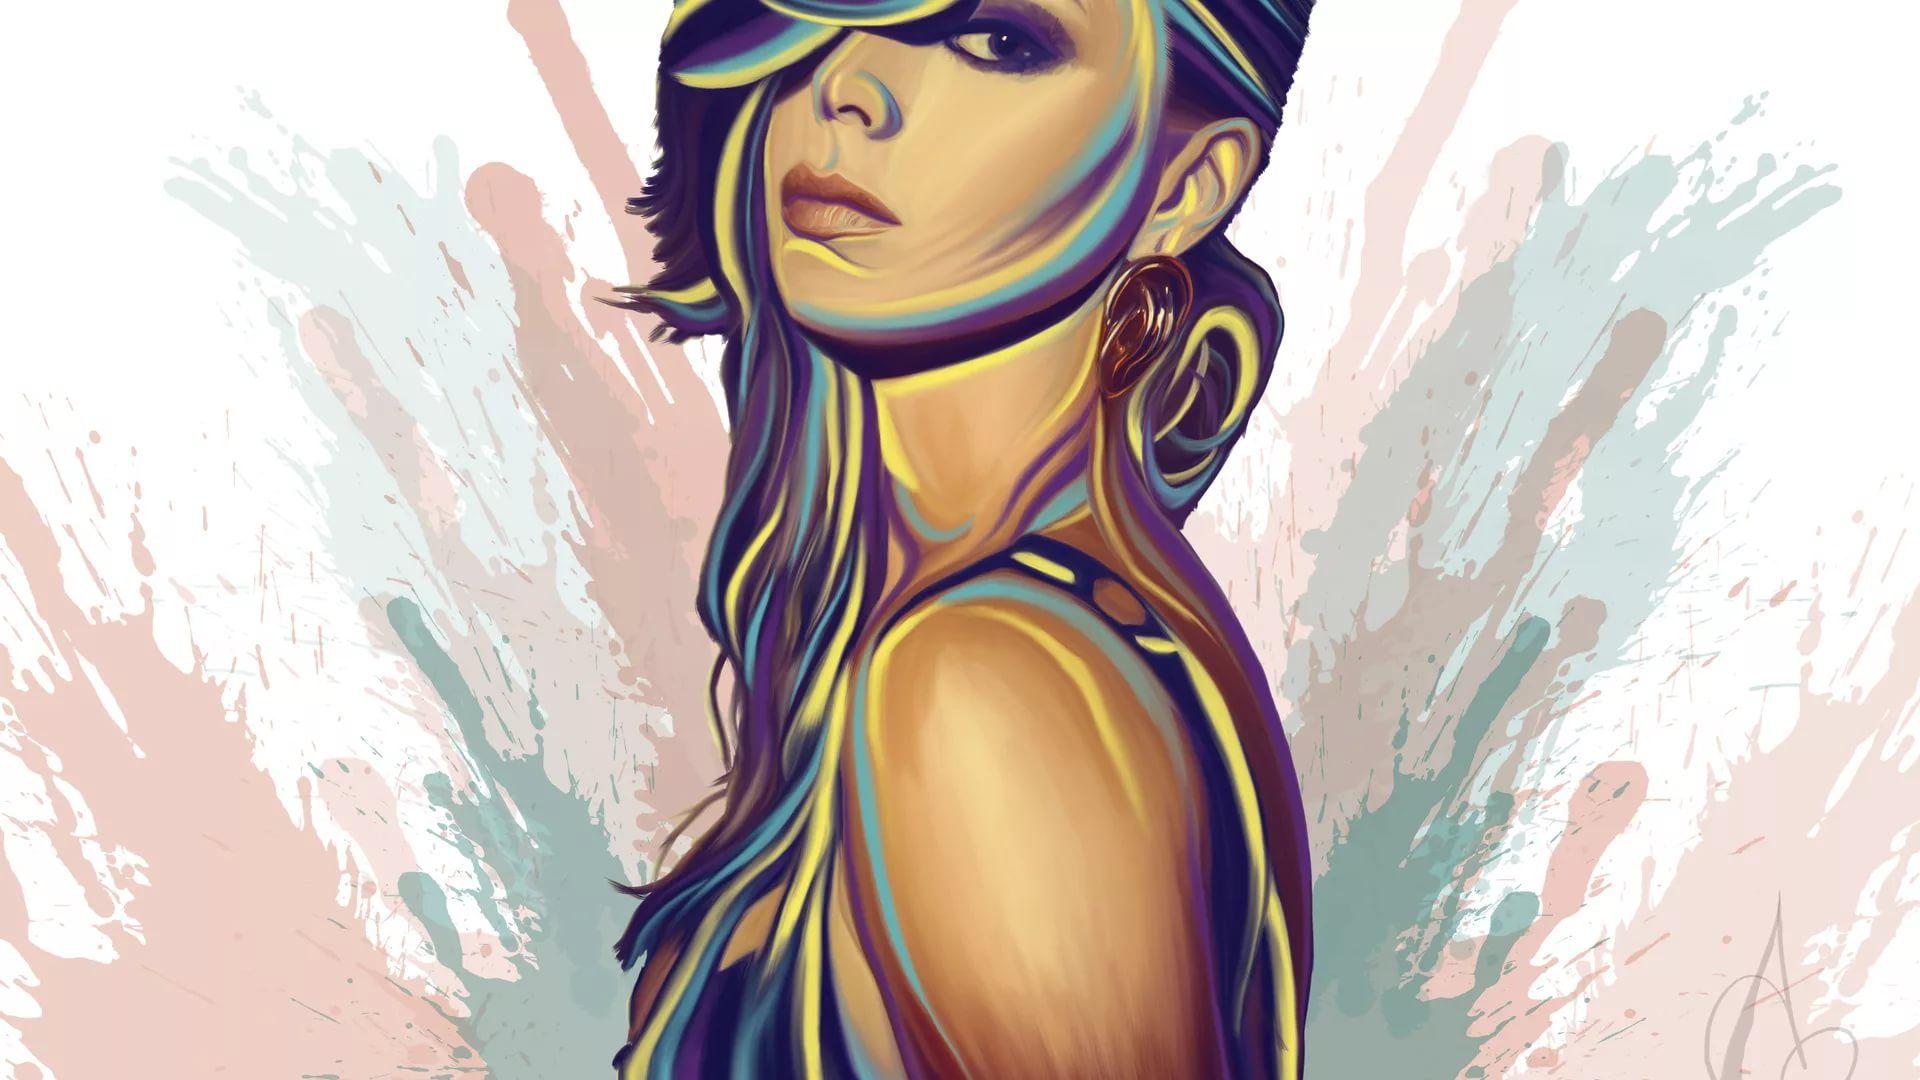 Swag Tumblr Drawings wallpaper